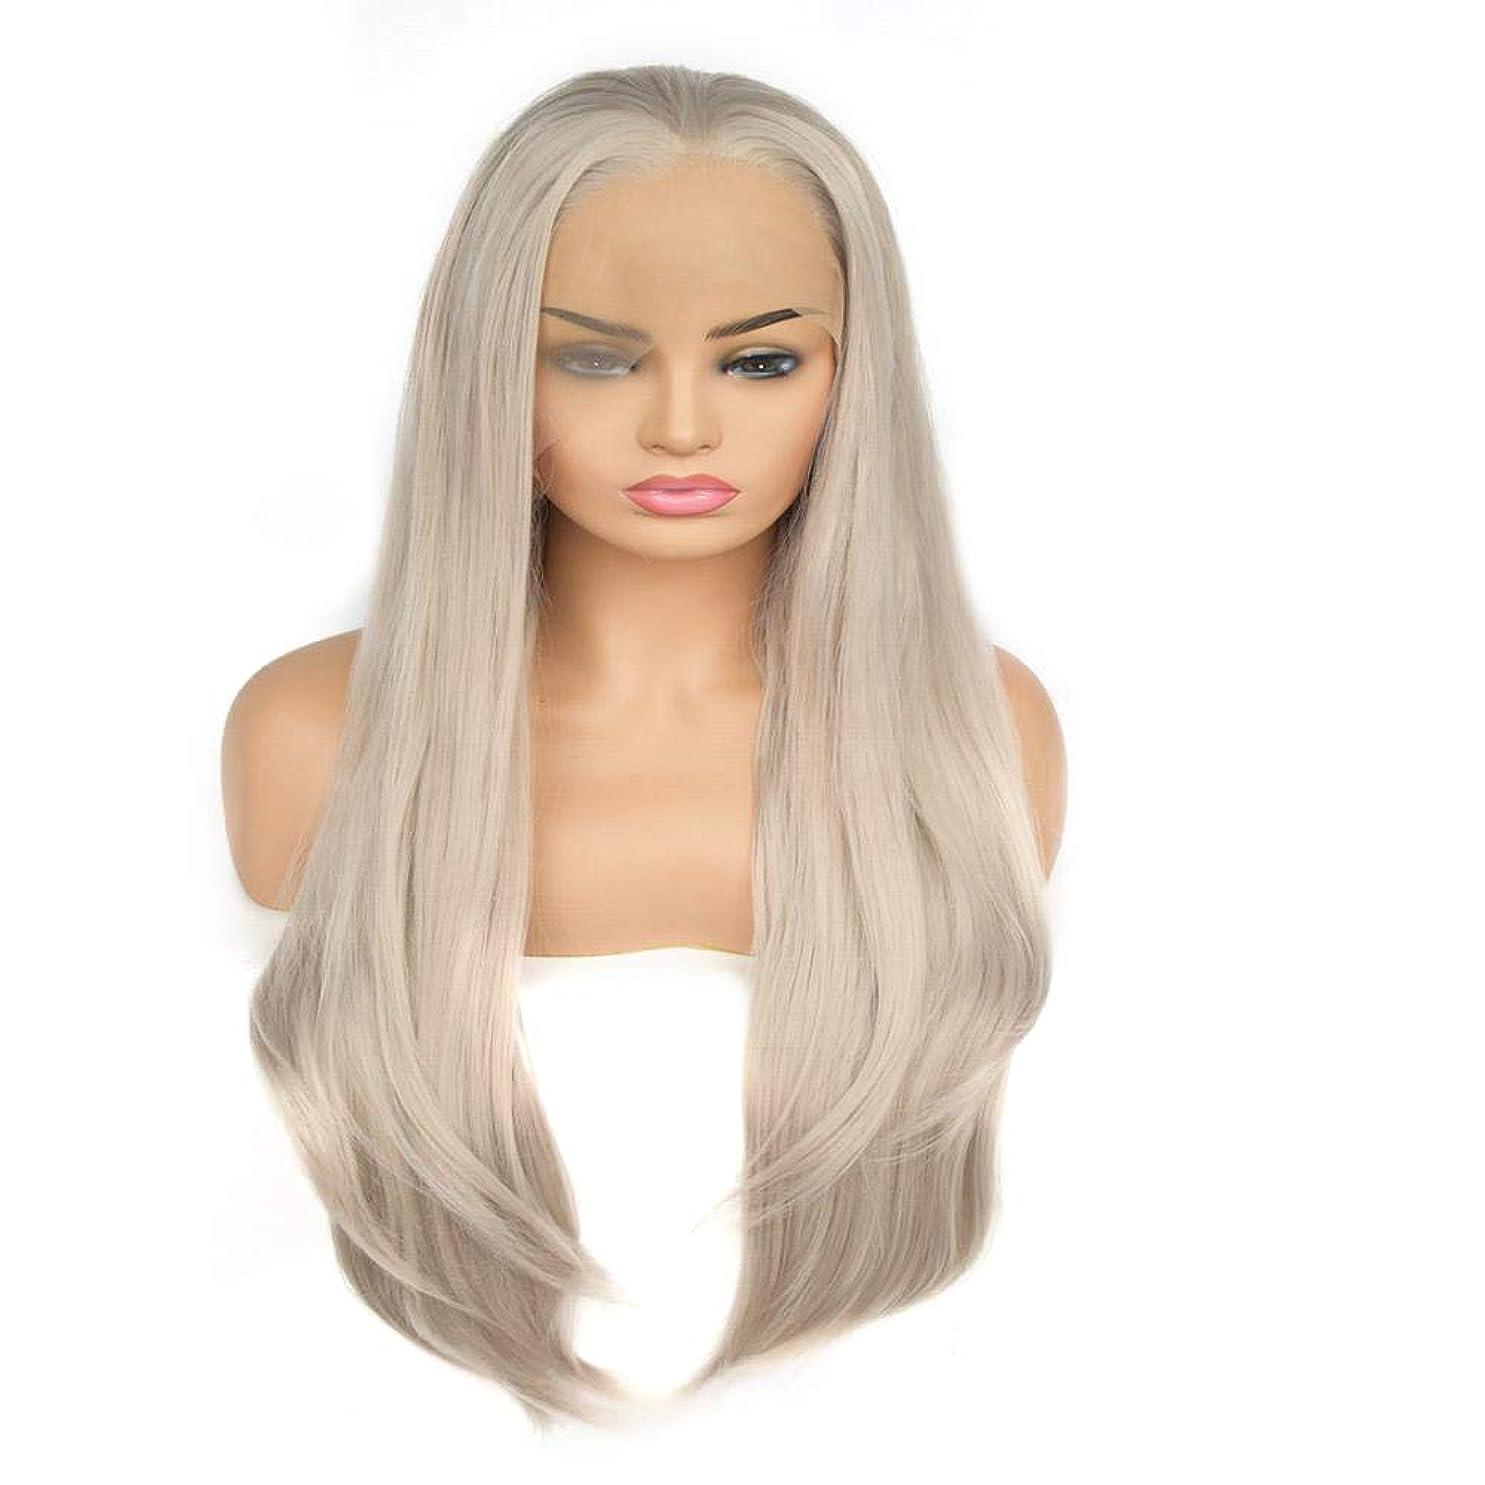 看板パーフェルビッド先のことを考えるBOBIDYEE ブライトグレーの女性ナチュラルストレートヘアフロントレースヒートウィッグ複合ヘアレースウィッグロールプレイングウィッグ (色 : Bright gray)